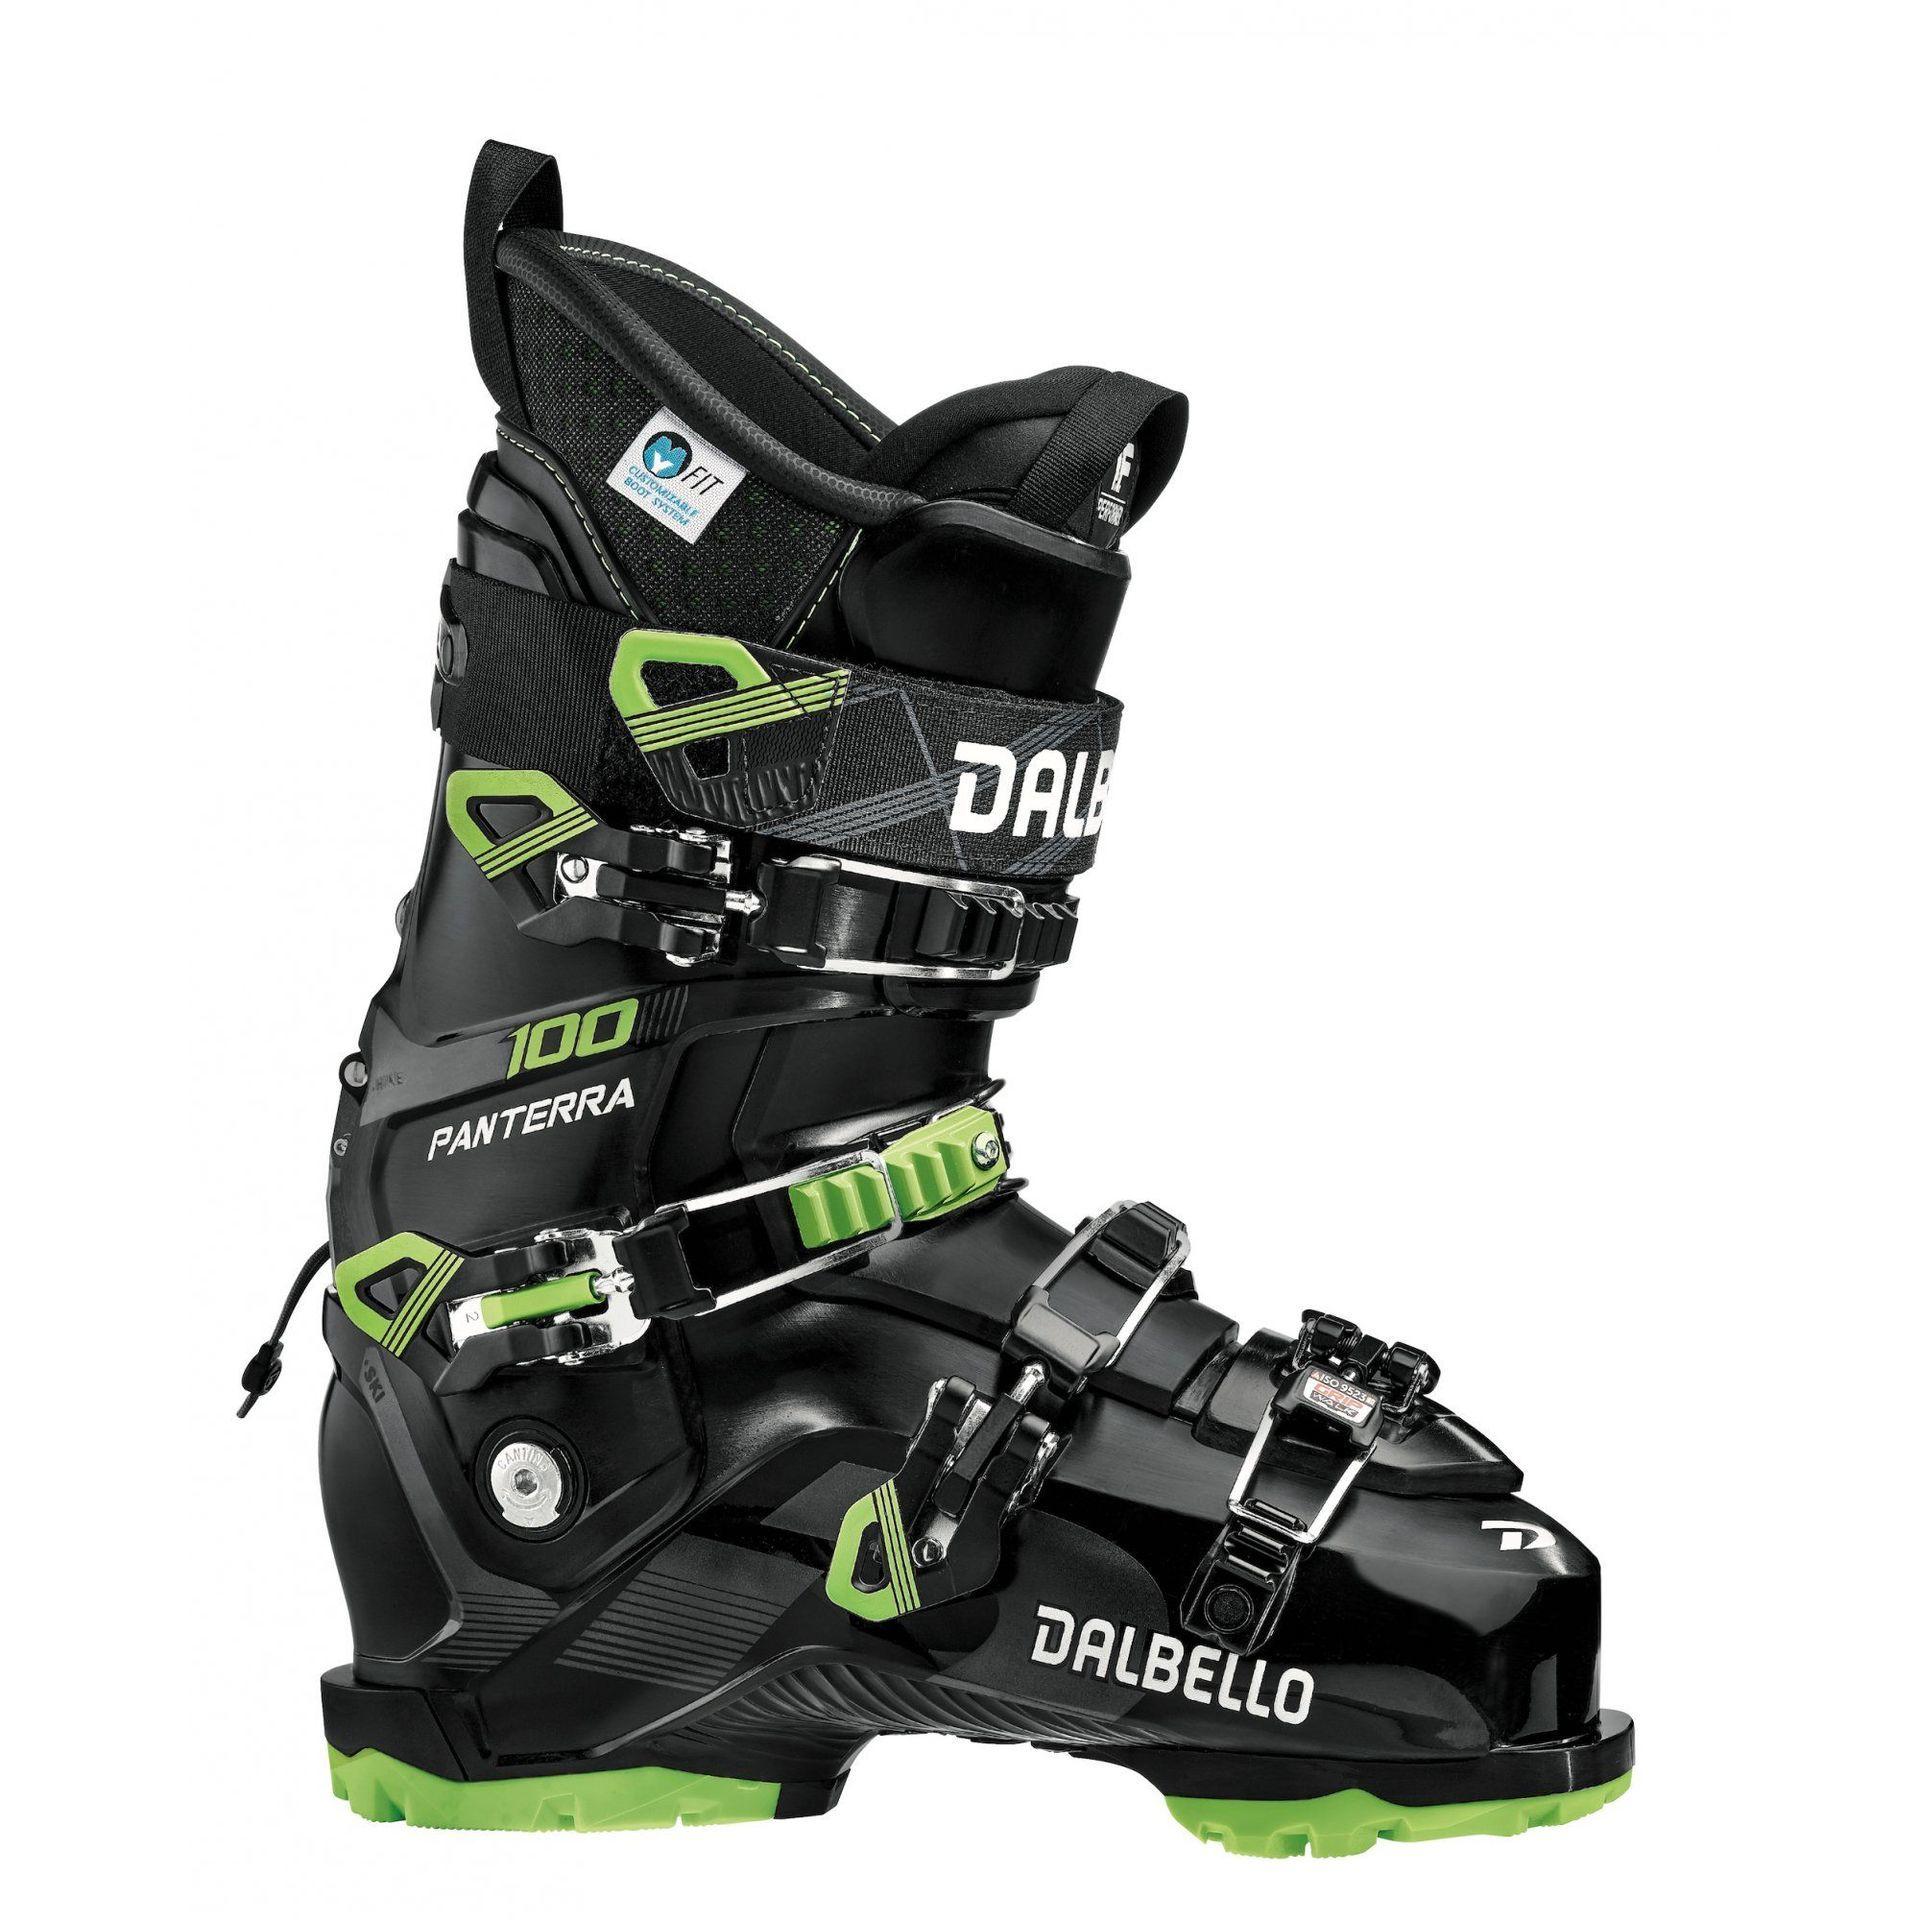 Sprzęt narciarski 1920: narty, buty narciarskie, gogle